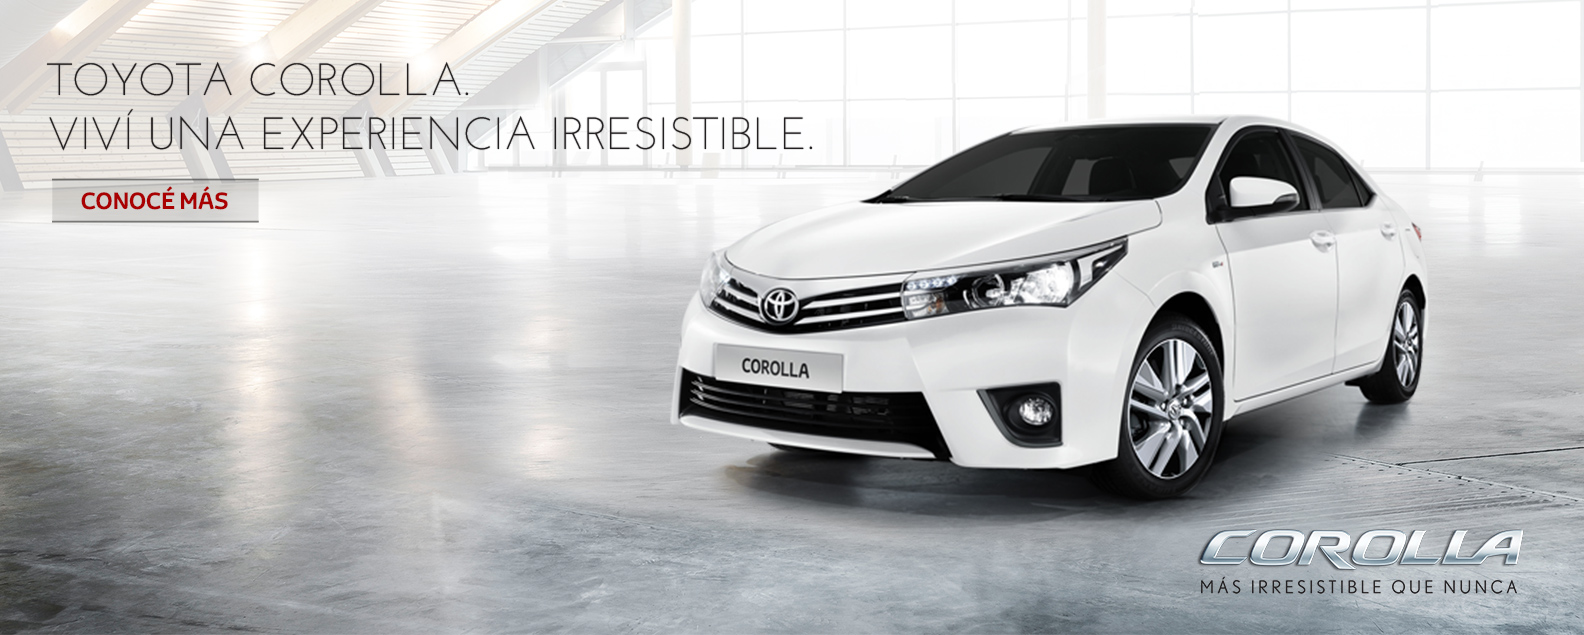 Toyota Corolla 2016 Sarthou Buenos Aires